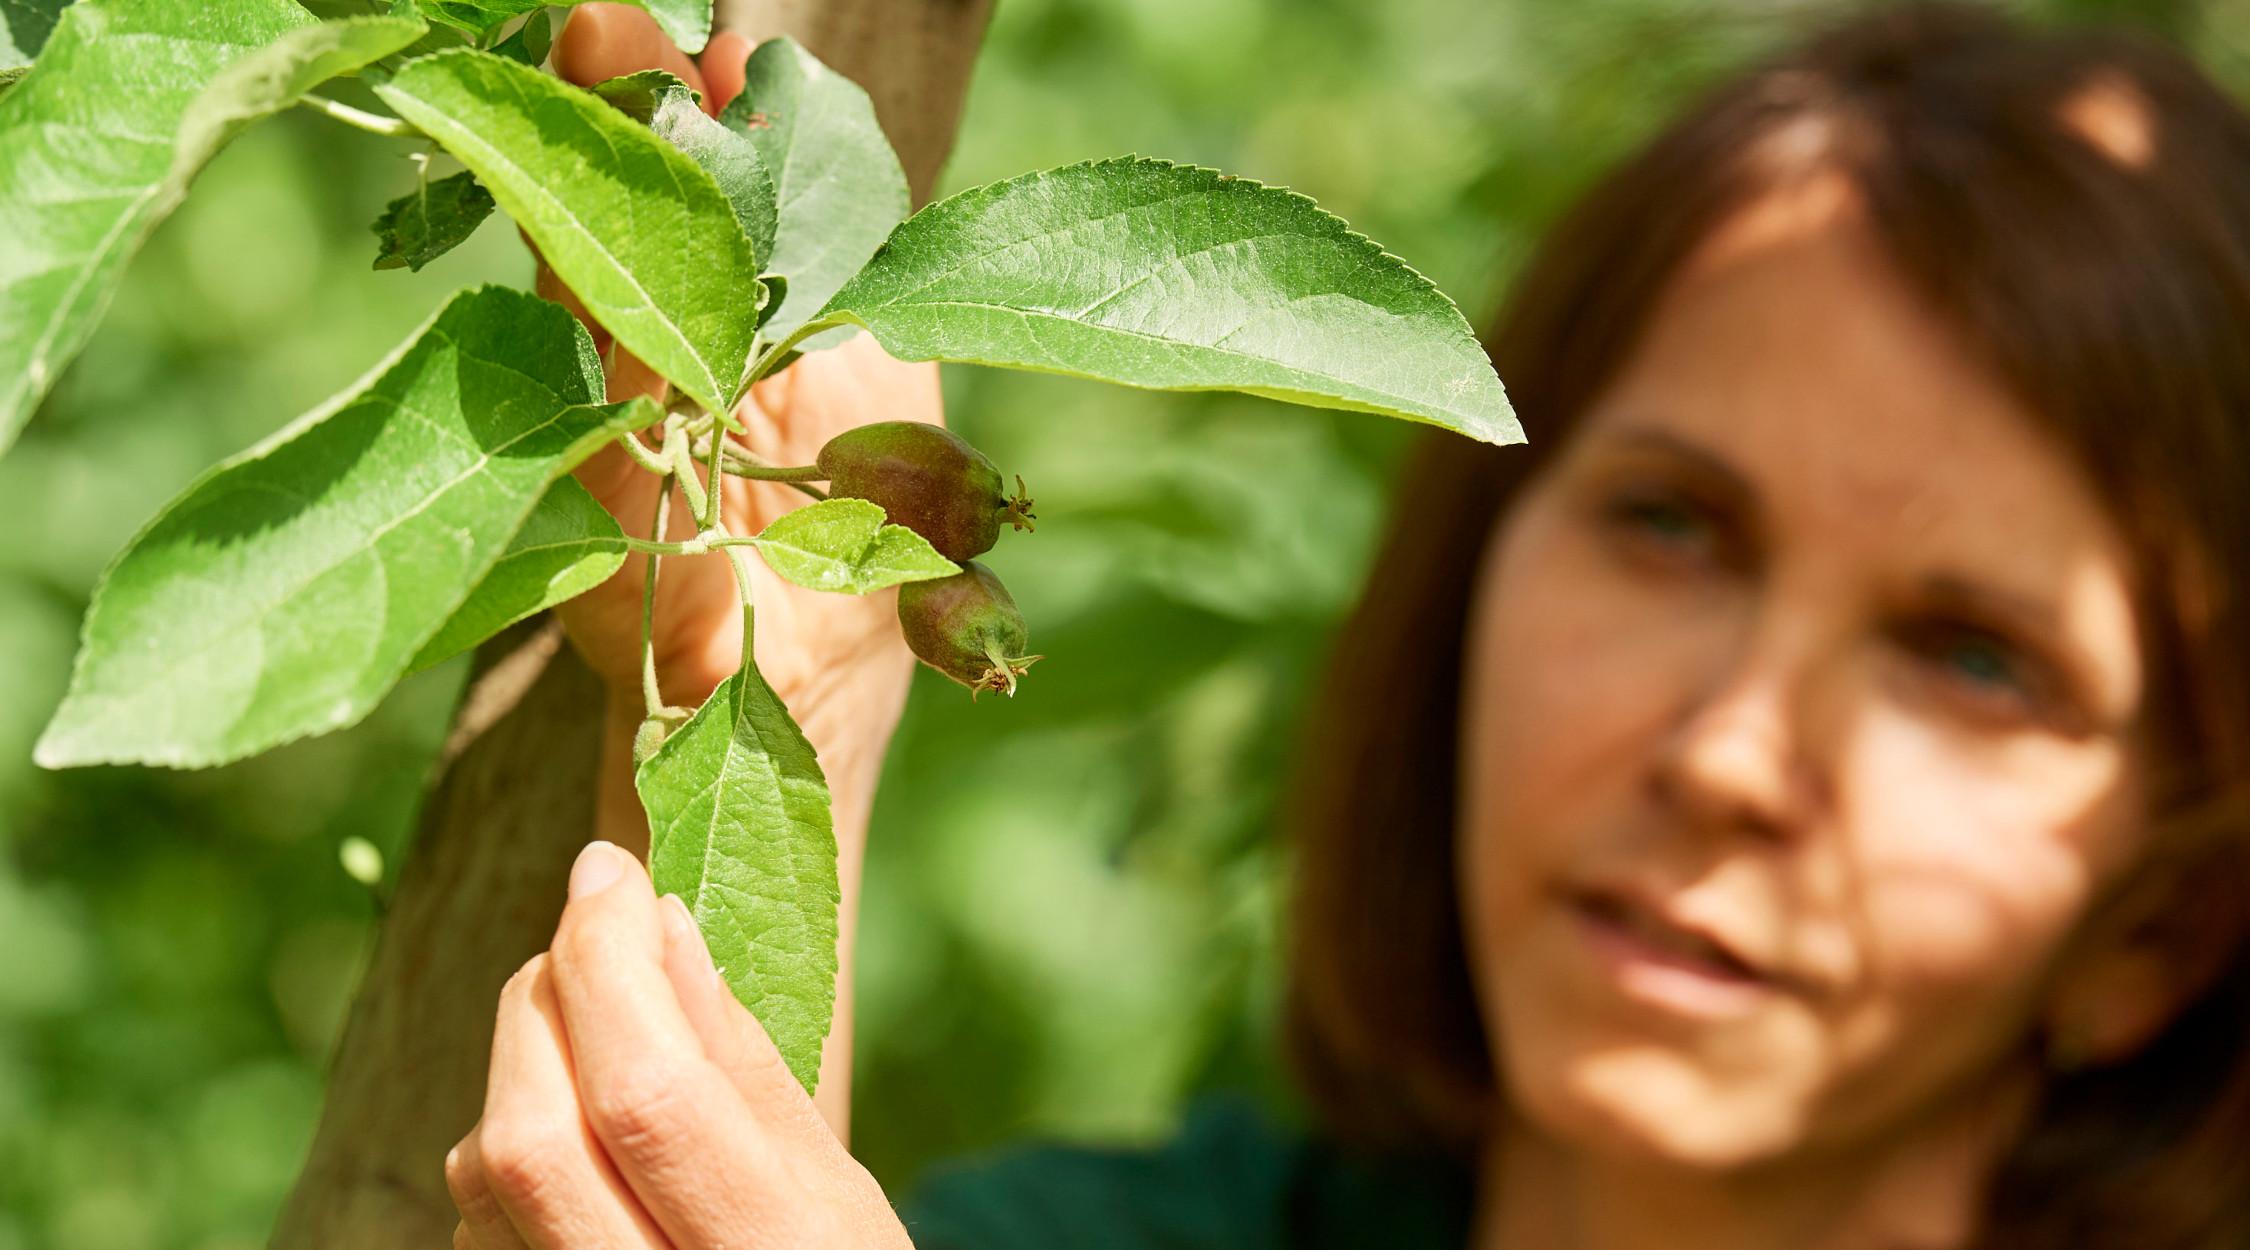 La Trentina | Diradamento meli in giugno